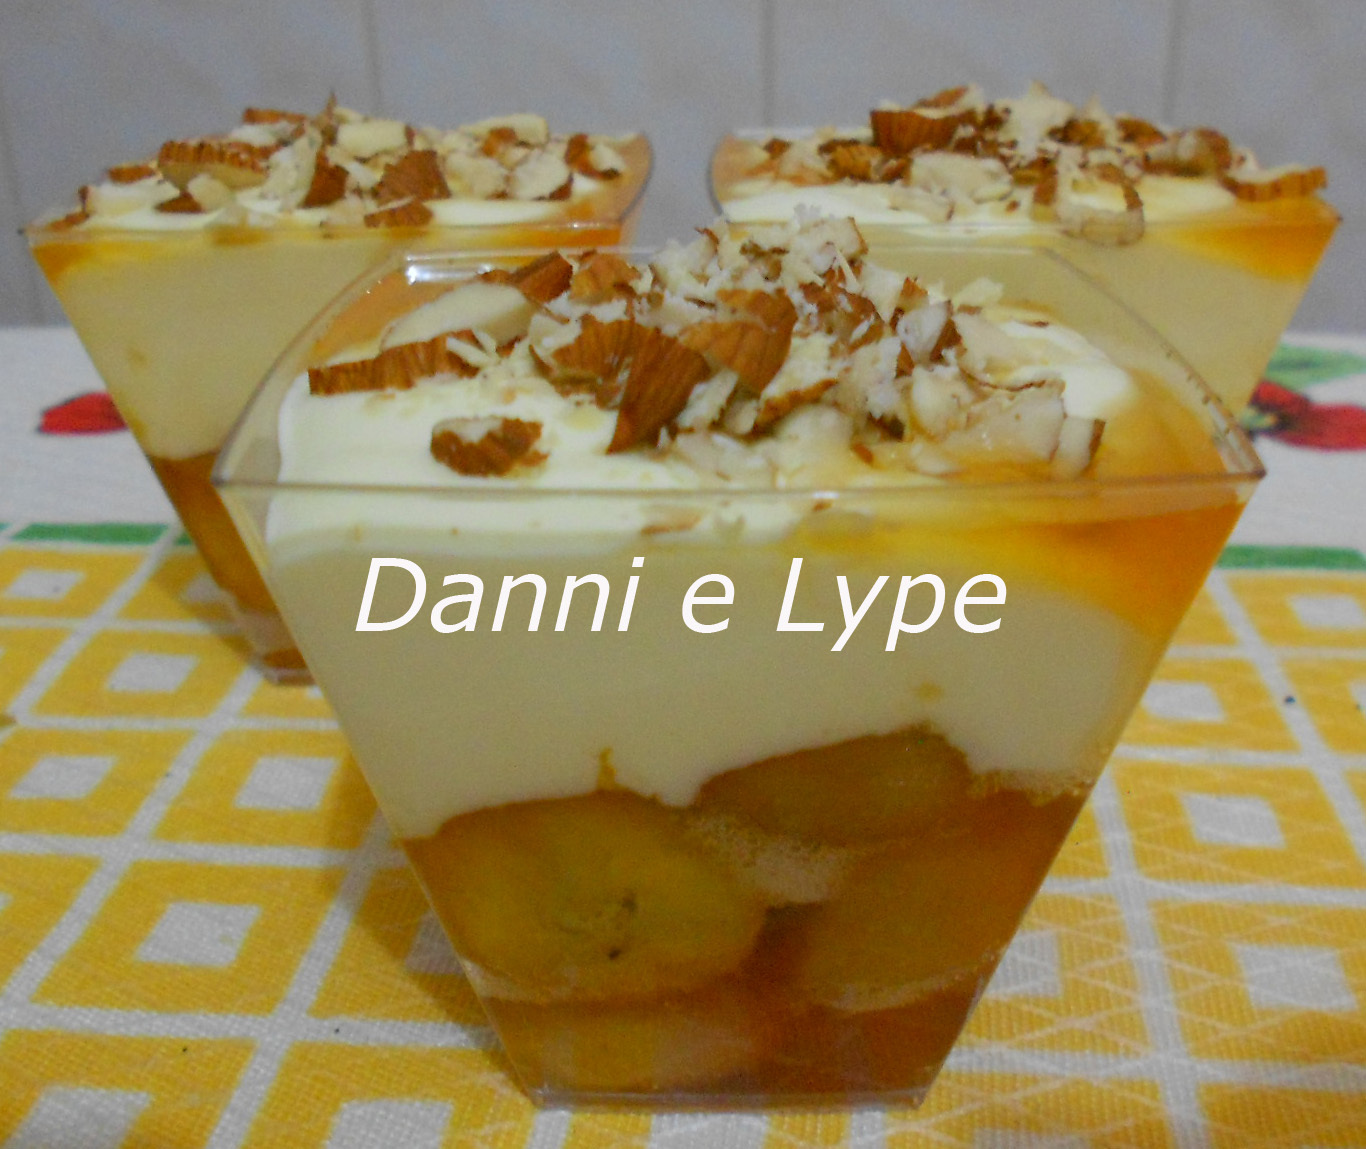 verrine de banana caramelada e queijo mascarpone versão normal e diet